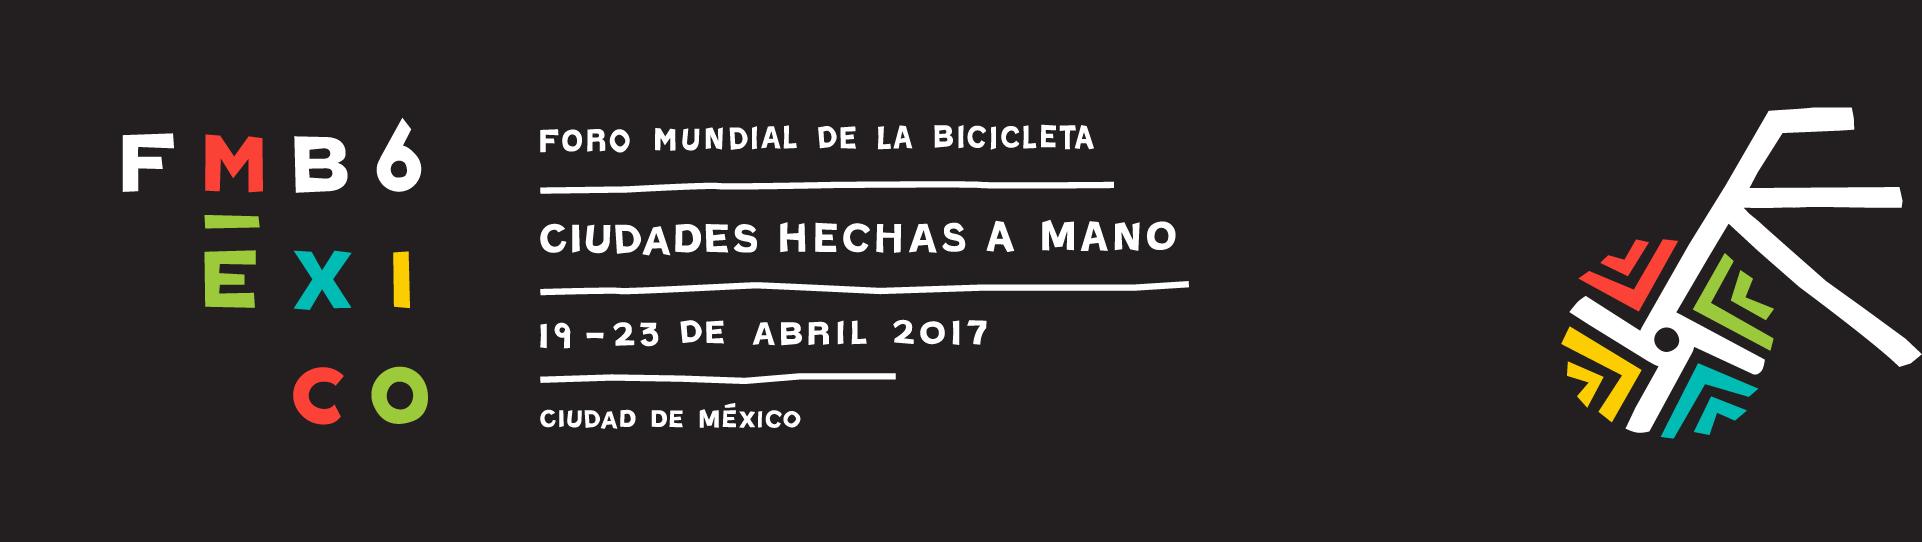 Banner de Presentación de 30DEB en FMB6 - 30 Días en Bici